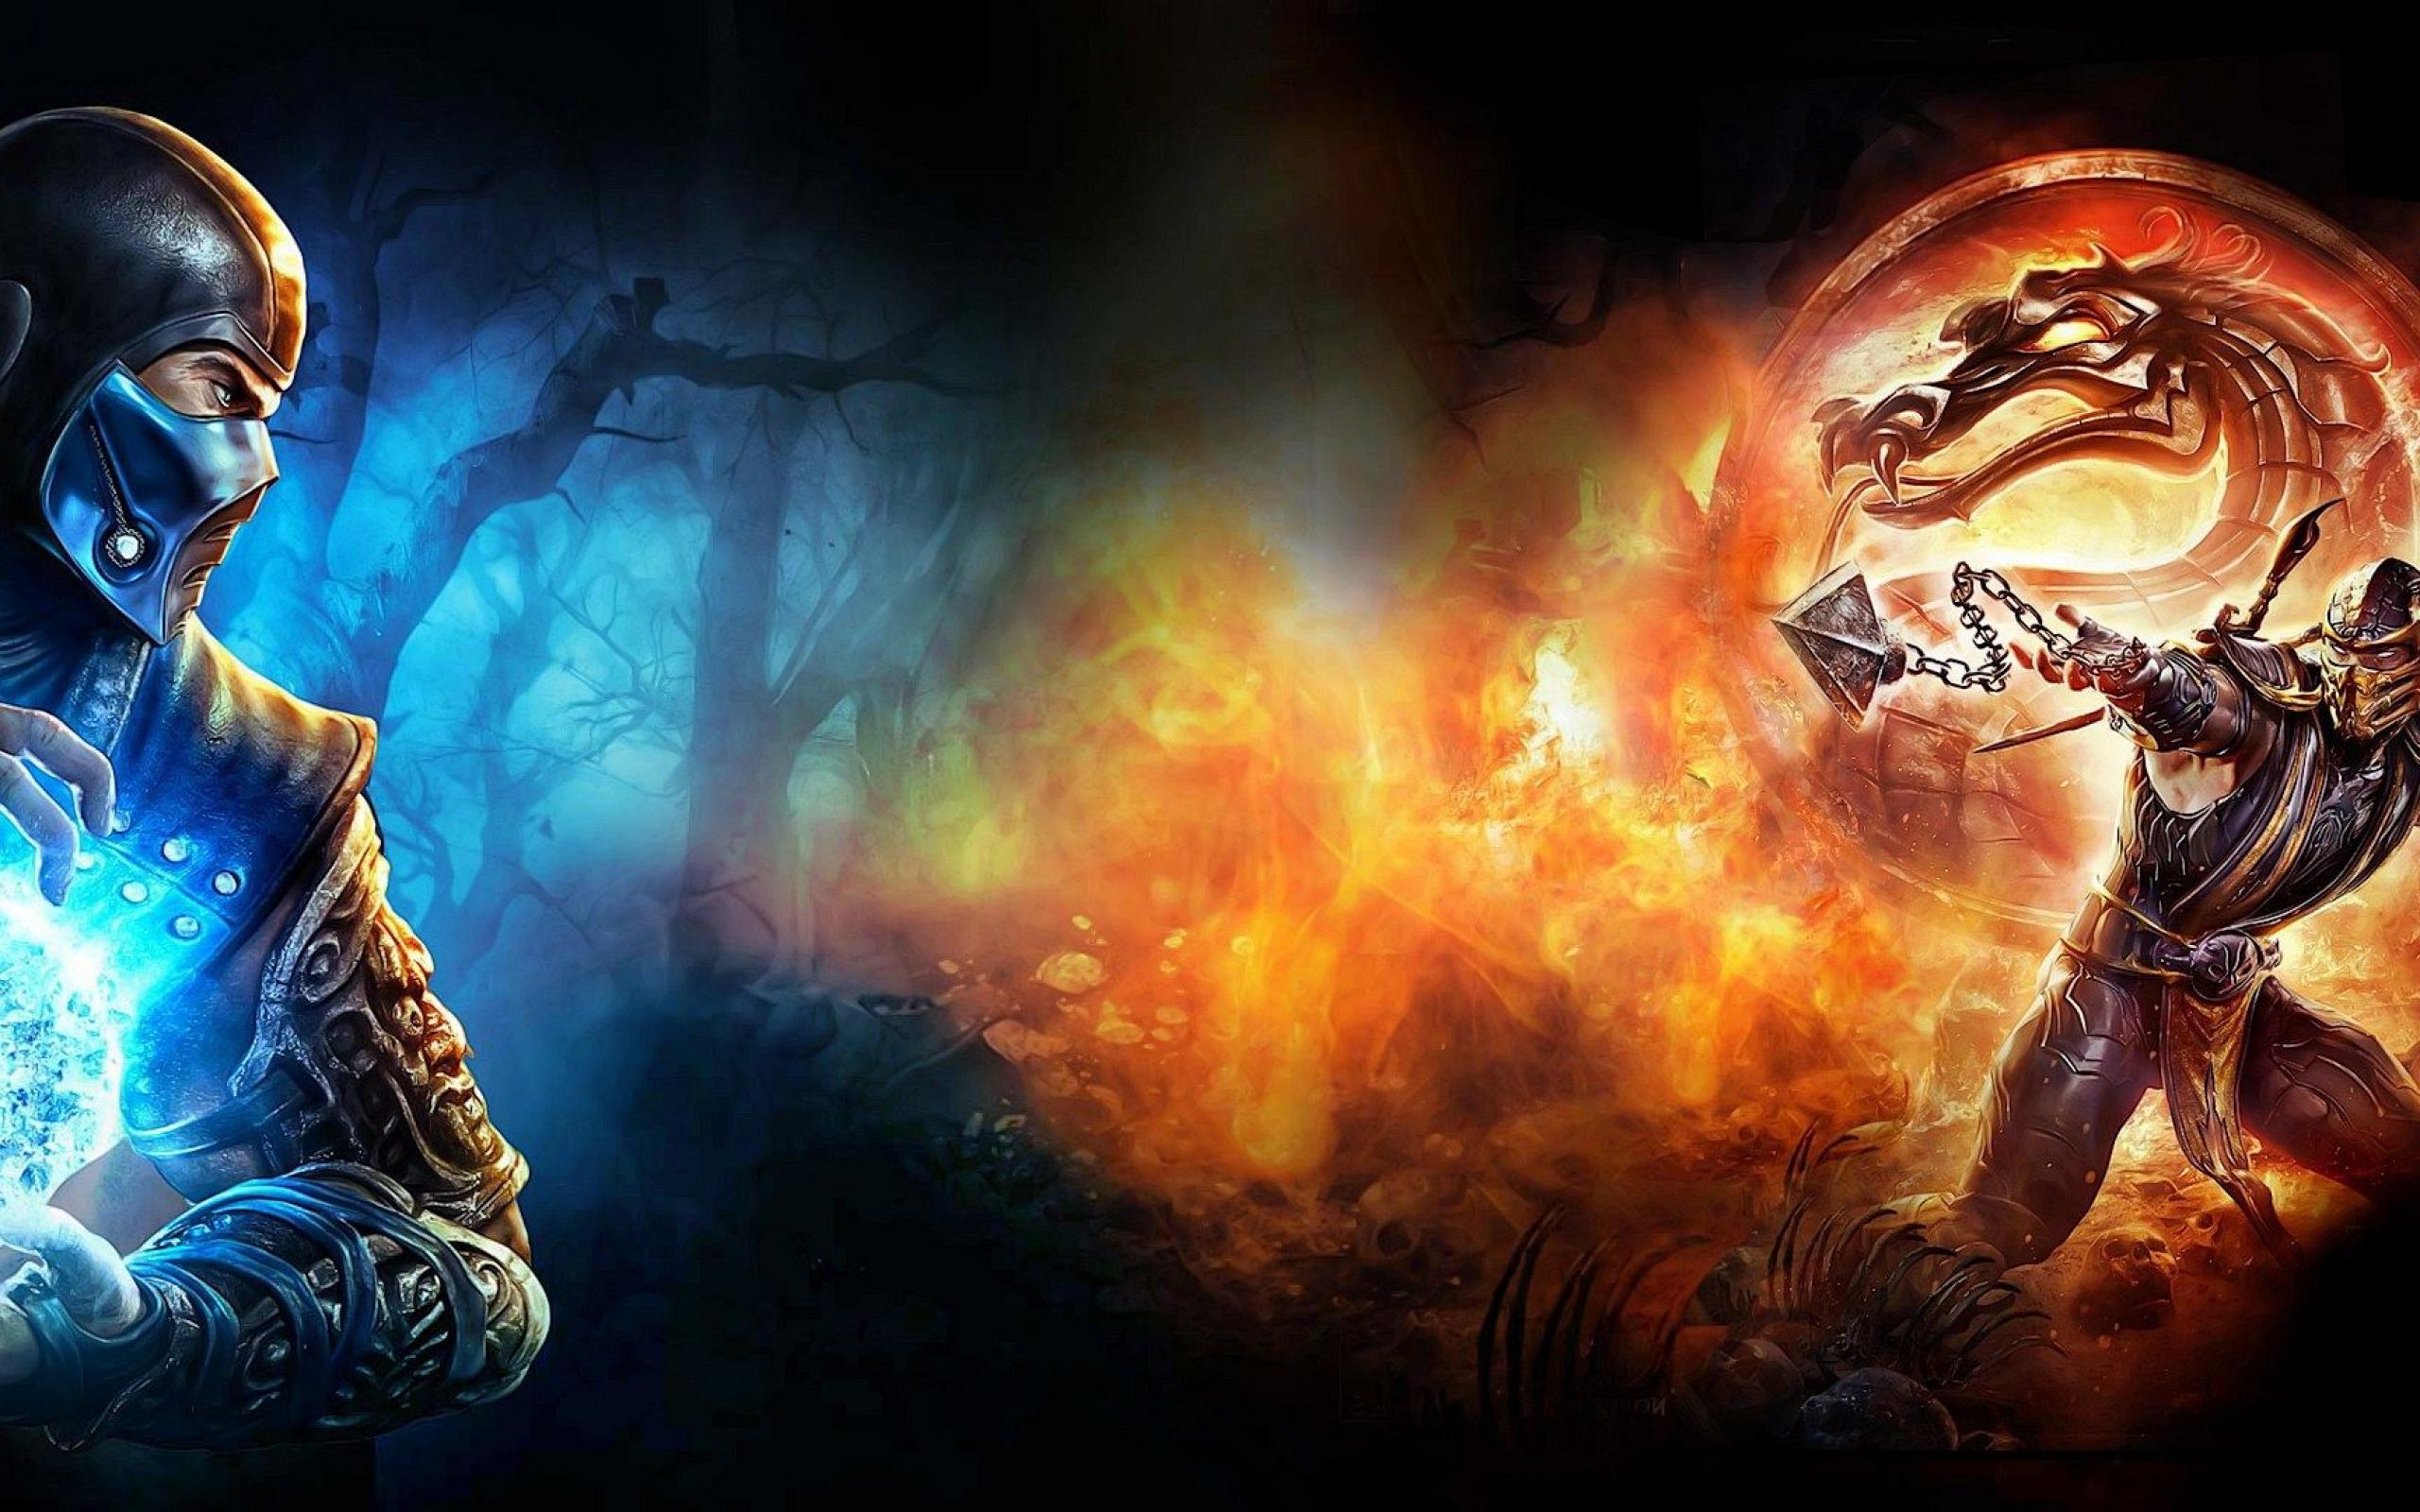 Subzero Mortal Kombat Wallpapers 7580 Wallpaper Cool Walldiskpaper 2560x1600